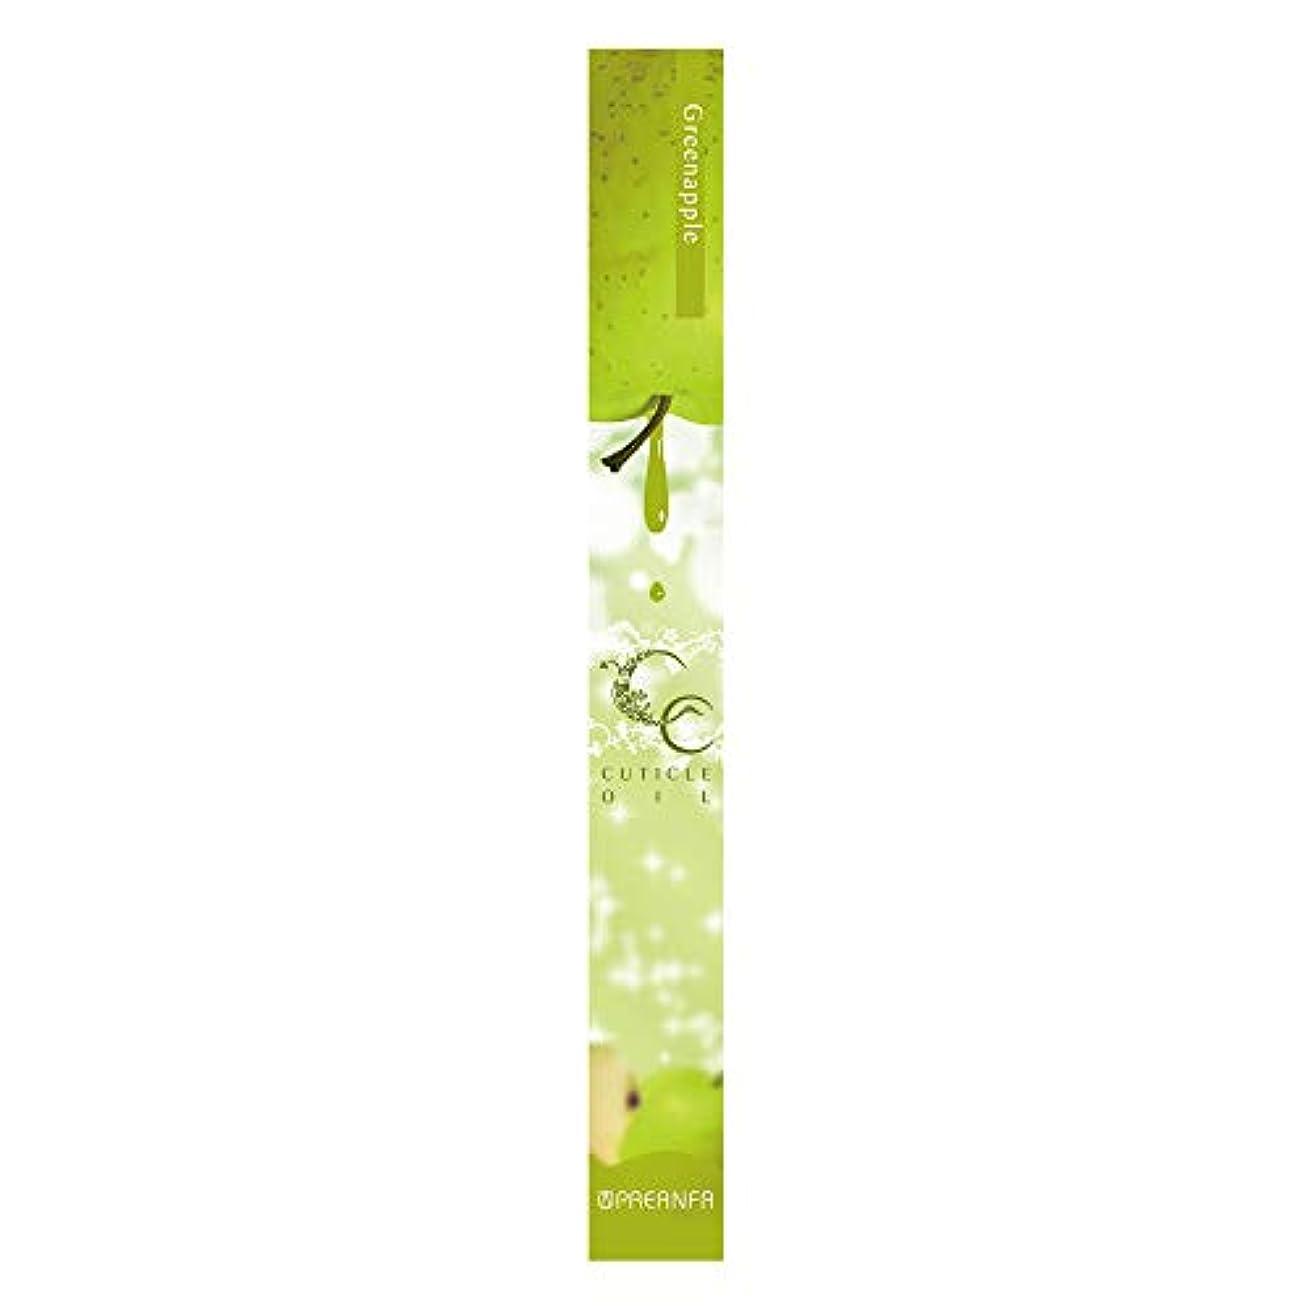 提案単調な明快プリジェル ジェルネイル CCキューティクルオイル グリーンアップル 4.5g 保湿オイル ペンタイプ